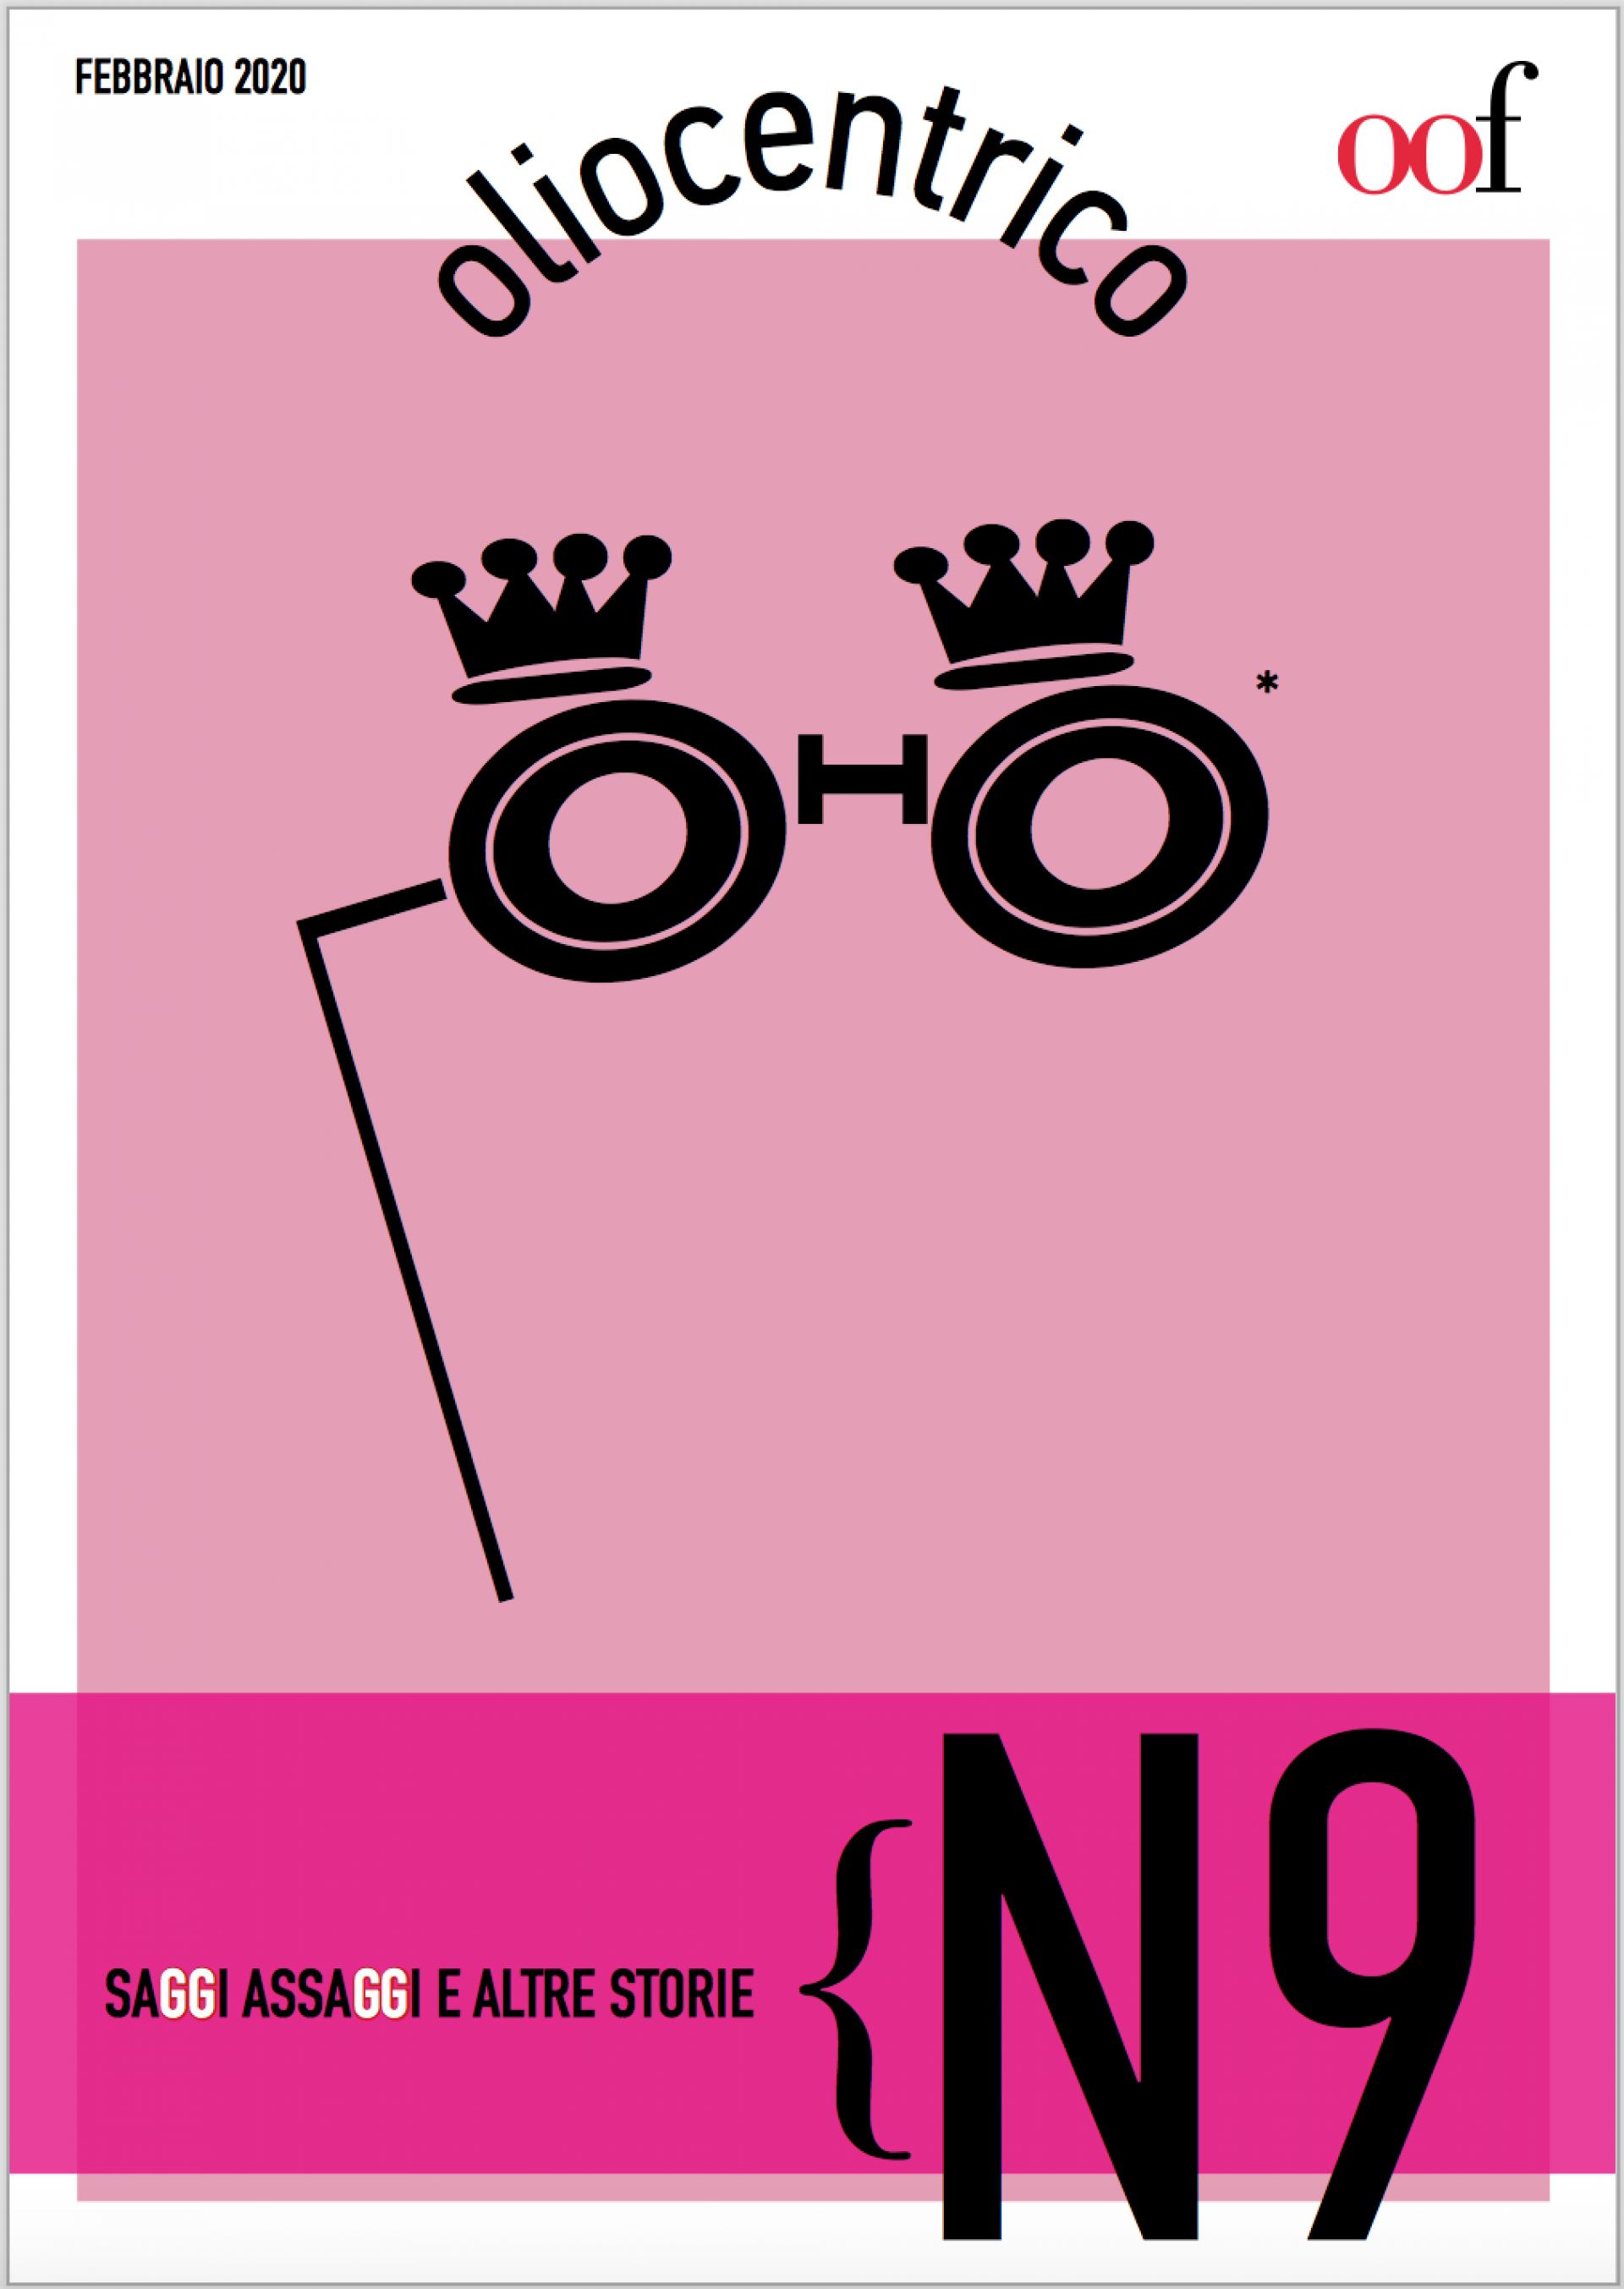 Oliocentrico N. 9